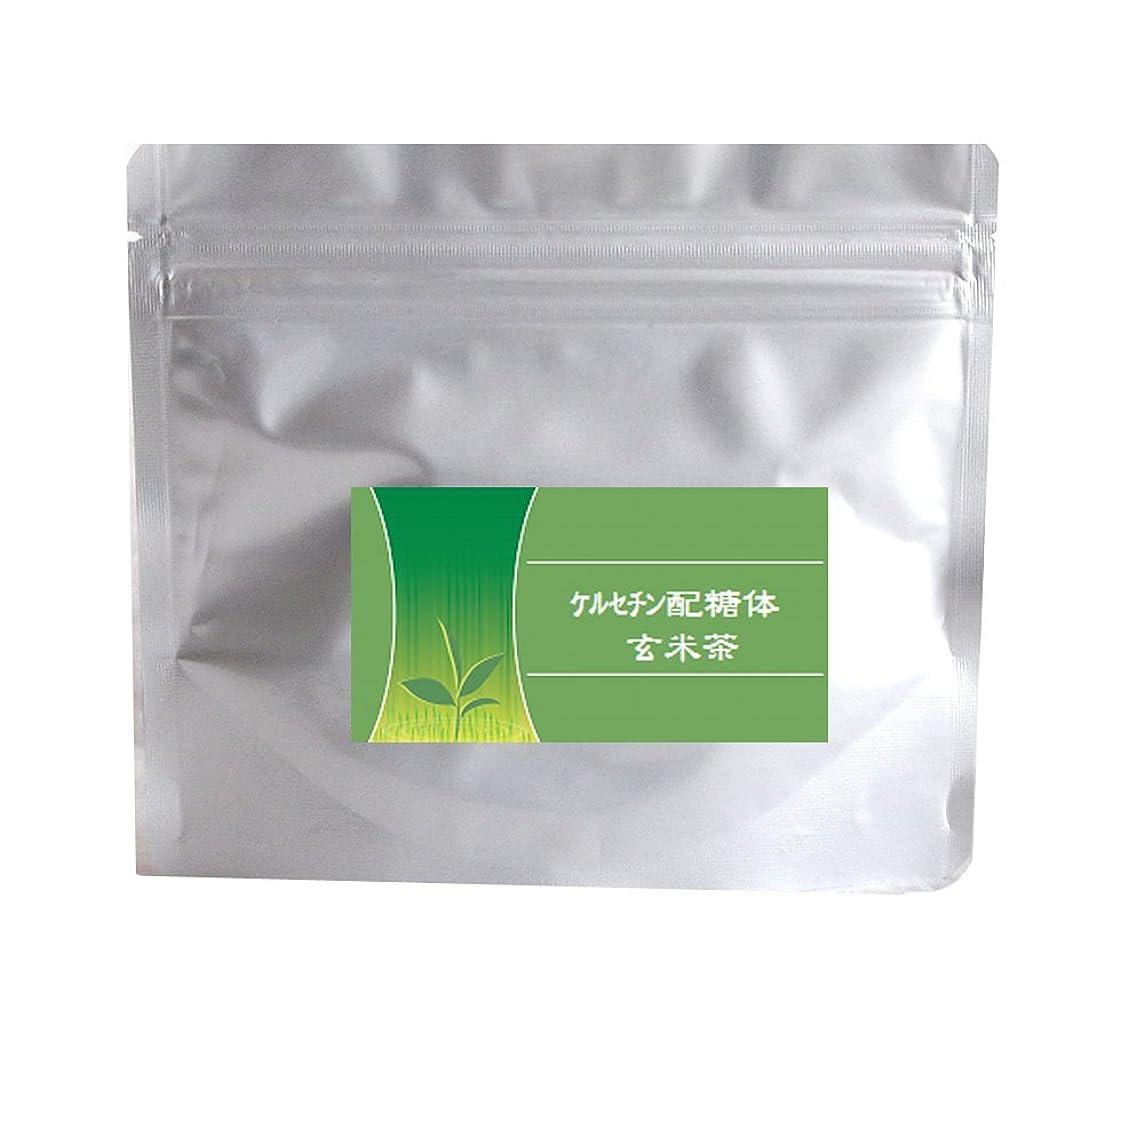 不健康苦悩保存するケルセチン配糖体ドリンク 玄米茶60g(e) ケルセチン配糖体 お茶 粉末茶 ダイエット茶